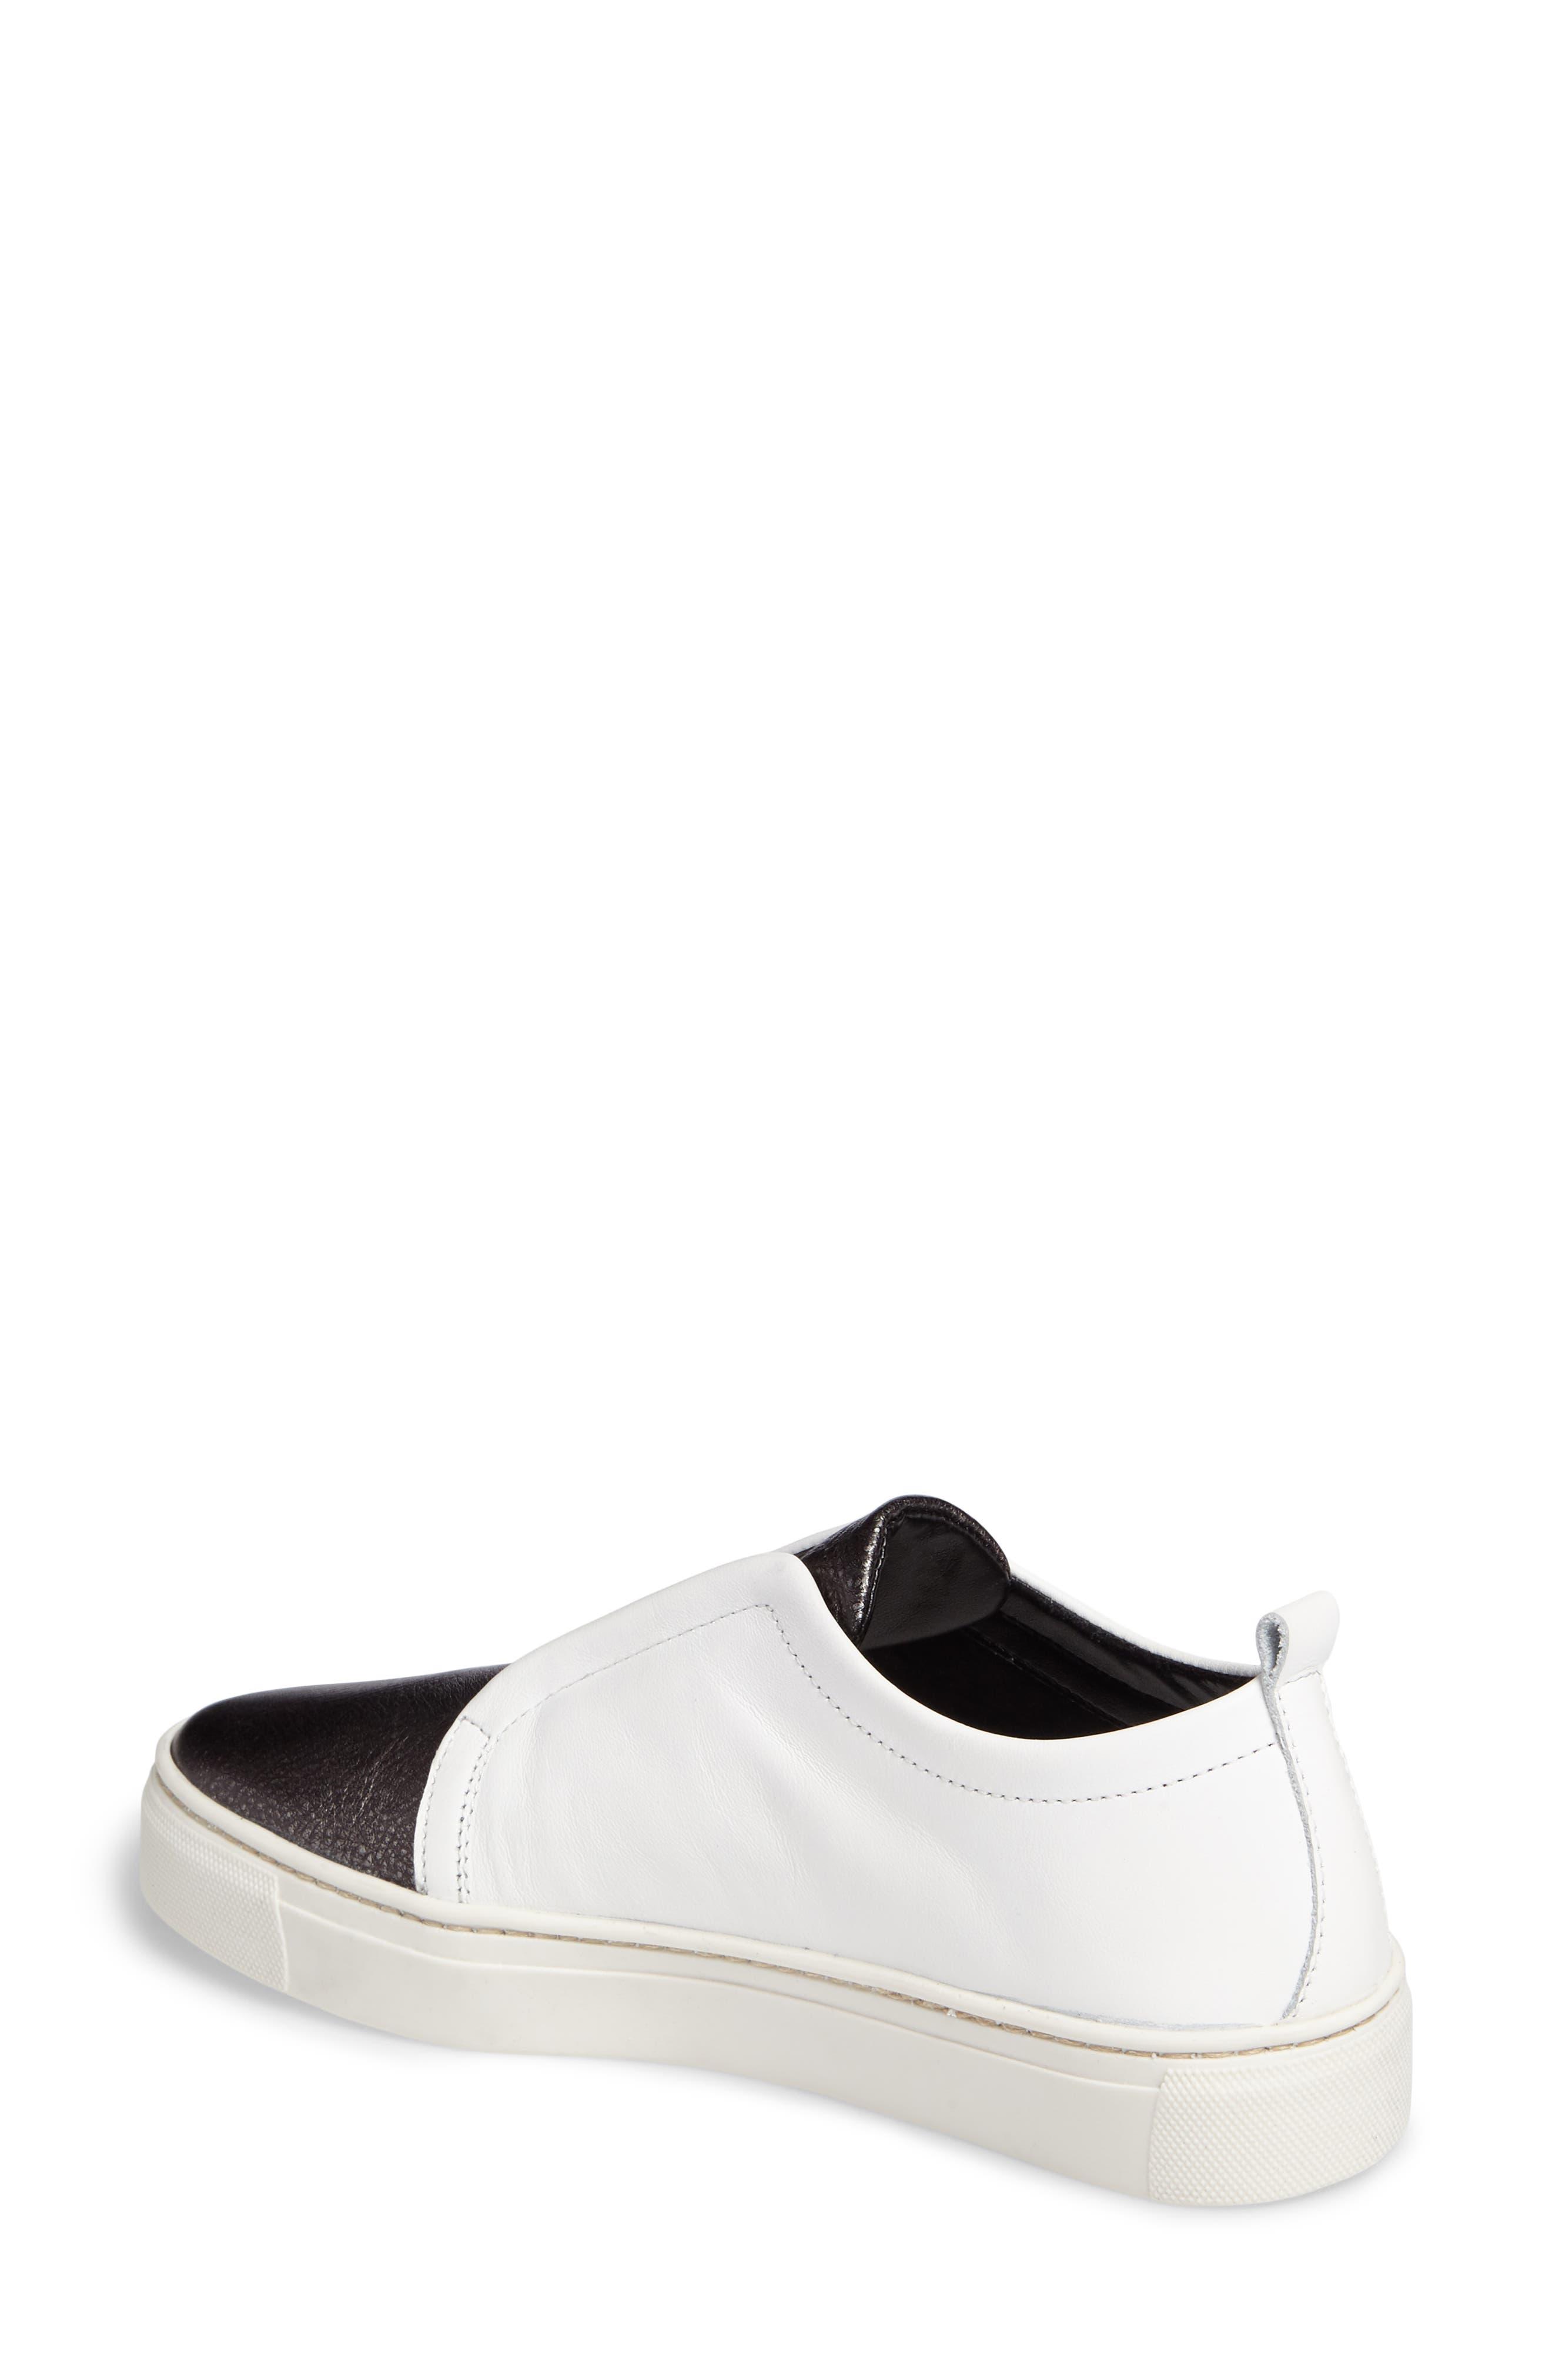 Rapture Slip-On Sneaker,                             Alternate thumbnail 2, color,                             040